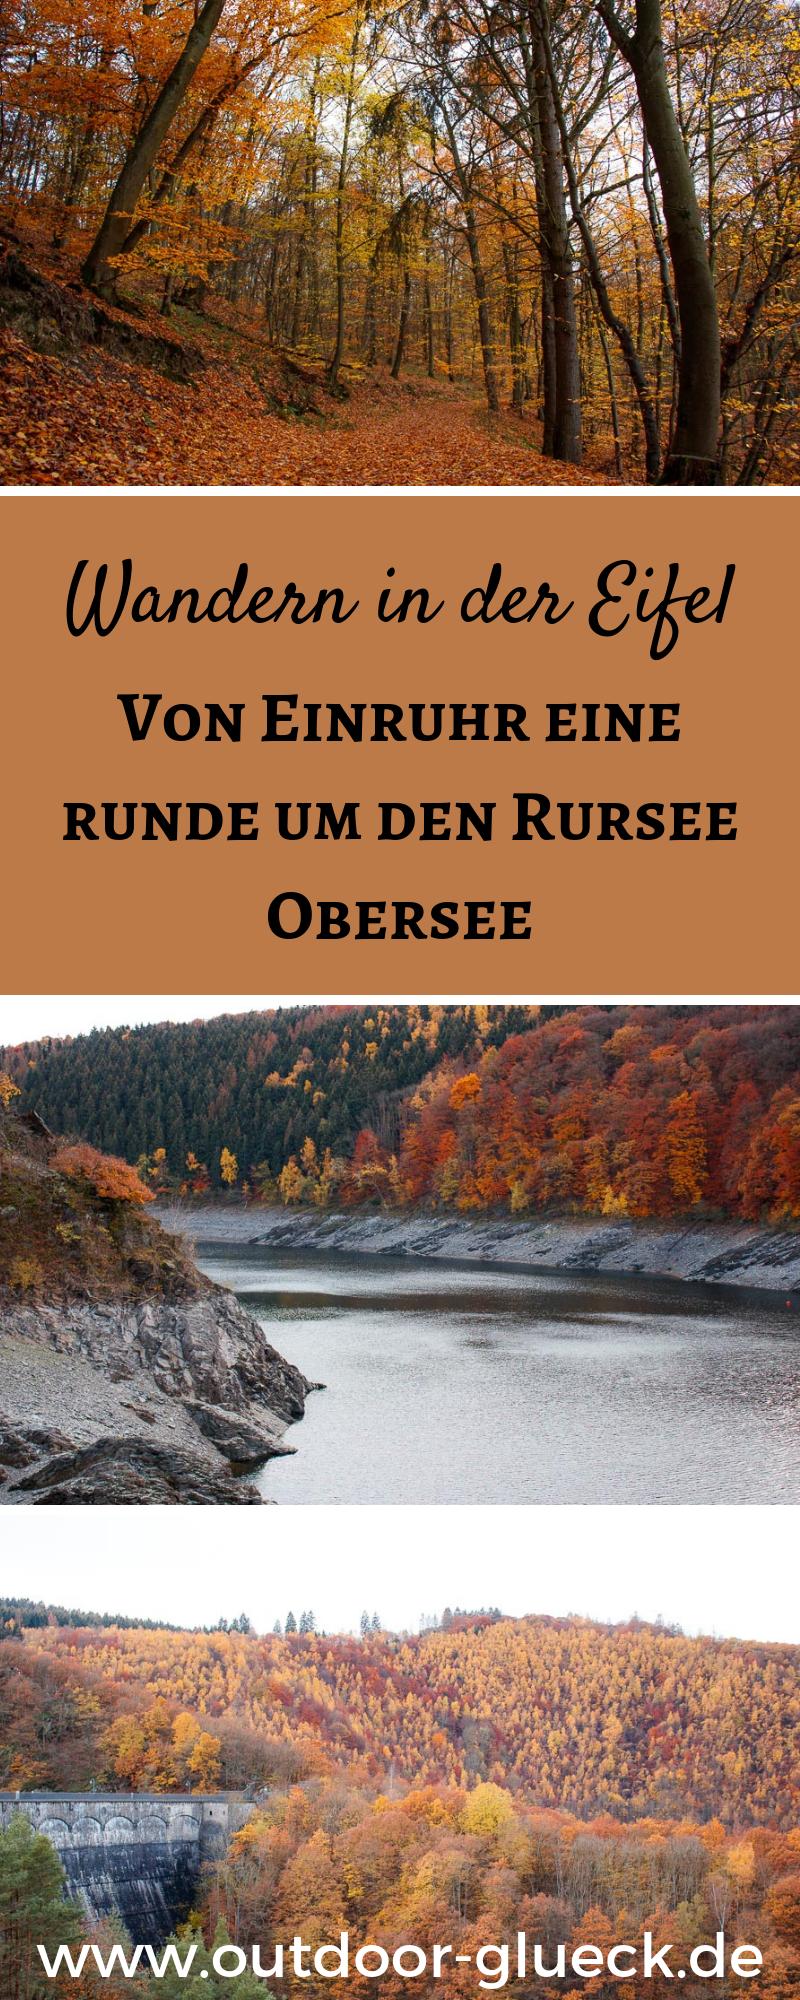 Wandern in der Eifel! Eine traumhafte Wanderung in der Eifel, von Einruhr rund um den Rursee Obersee! #wandern #eifel #wanderung #ausflugstipp #nrw #deinnrw #naturallandmarks